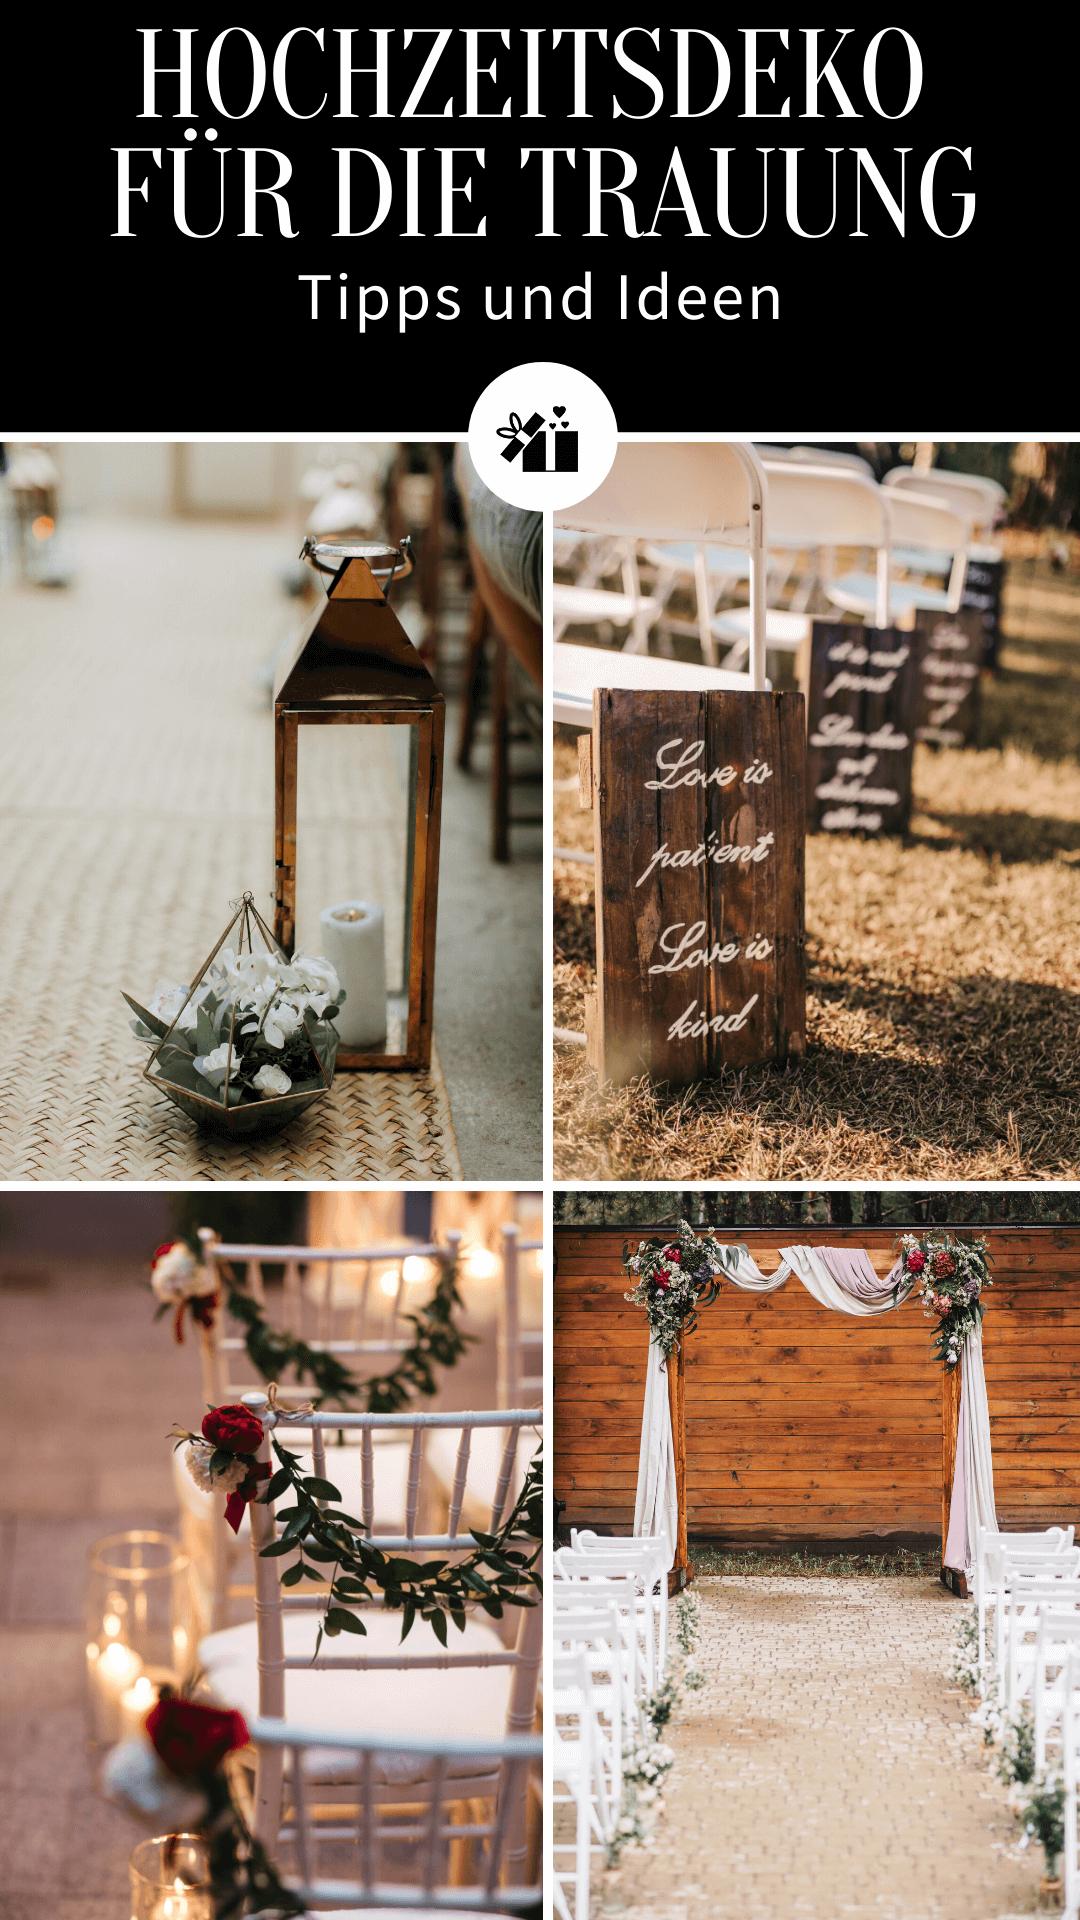 Hochzeitsdeko für die Trauung Ideen